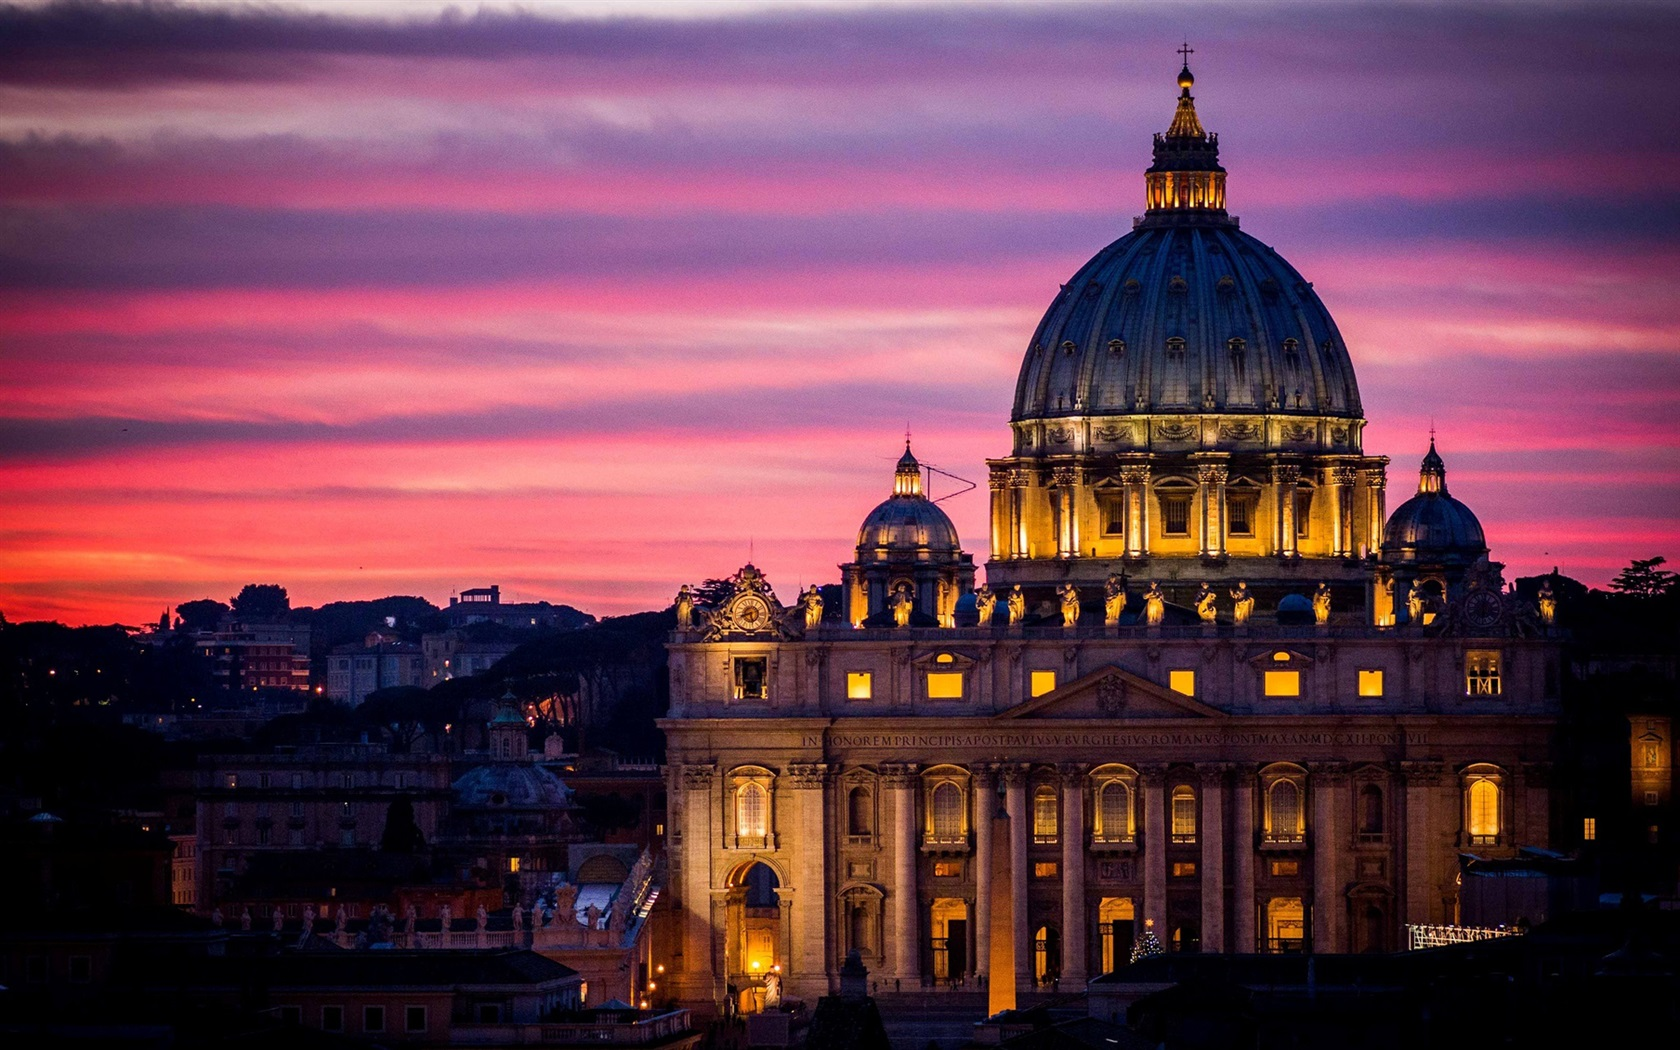 罗马,意大利,教堂,建筑,城市,夜晚,天空 壁纸 - 1680x1050图片